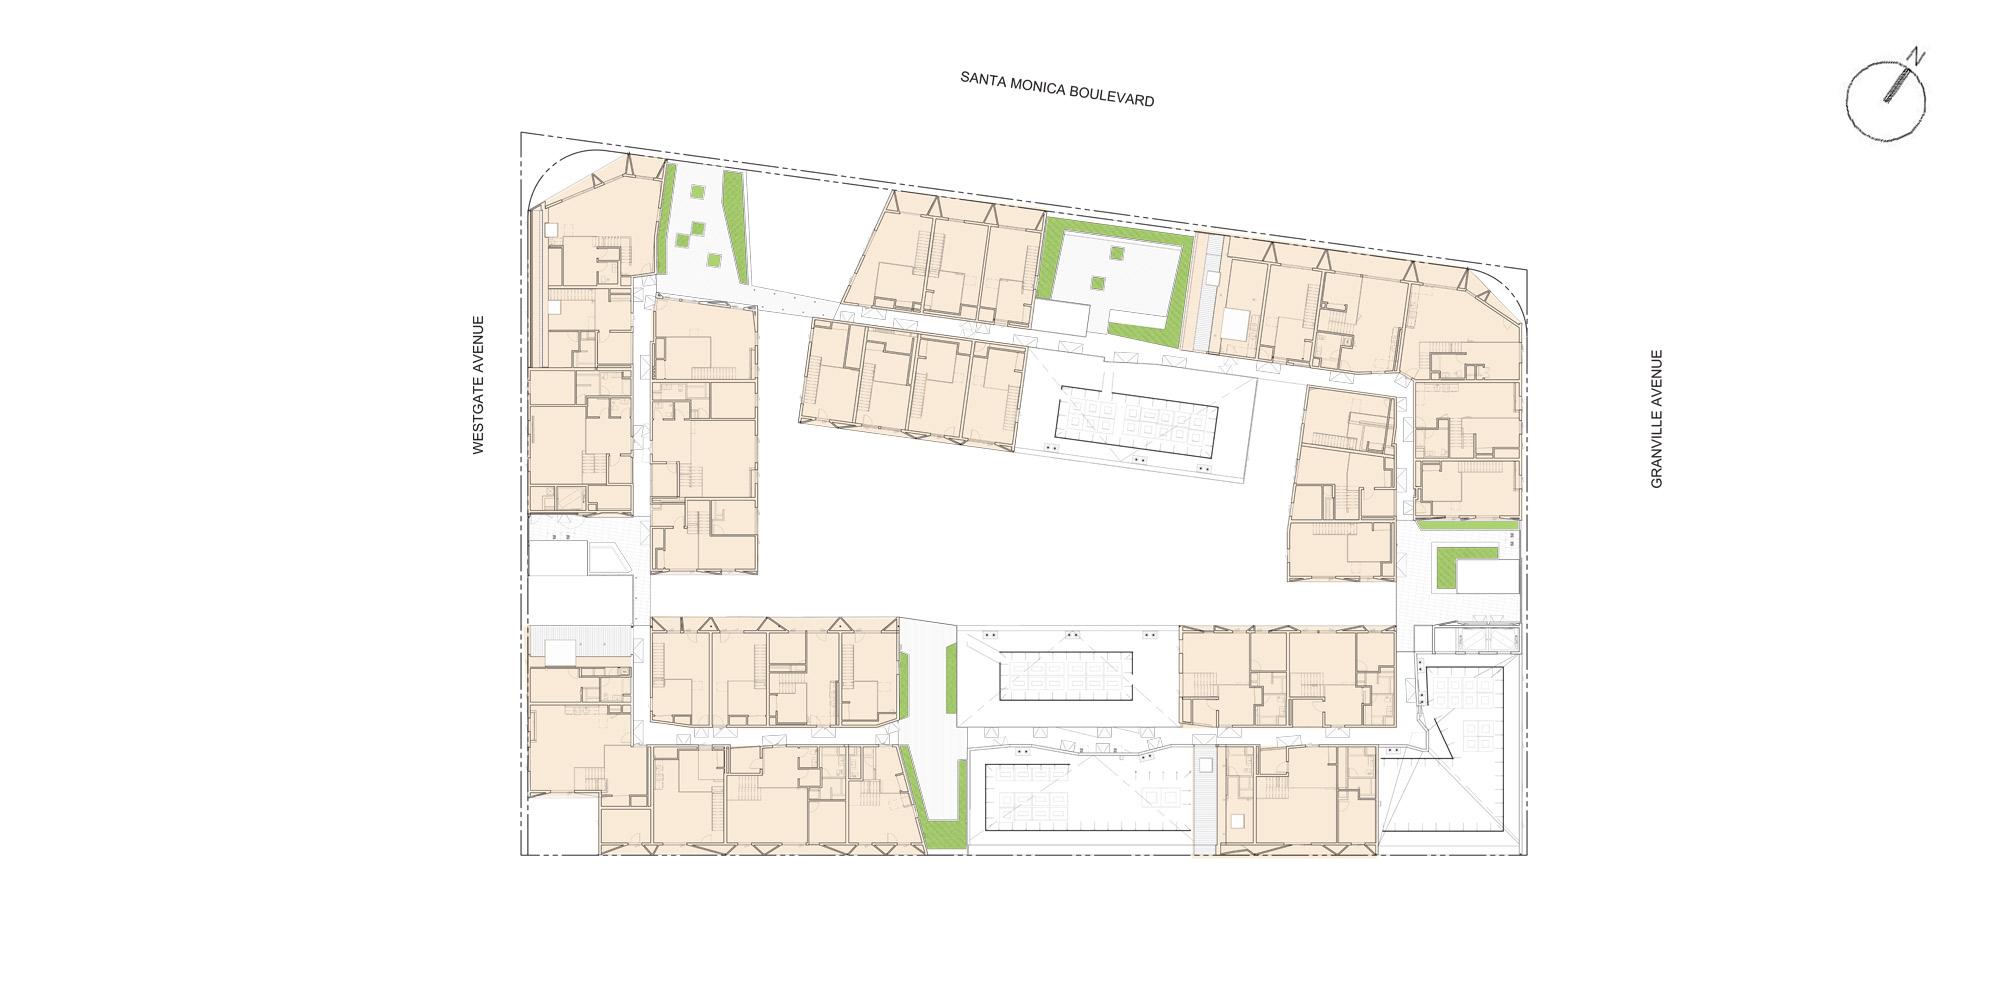 Pianta livello quinto © Lorcan O'Herlihy Architects (LOHA)